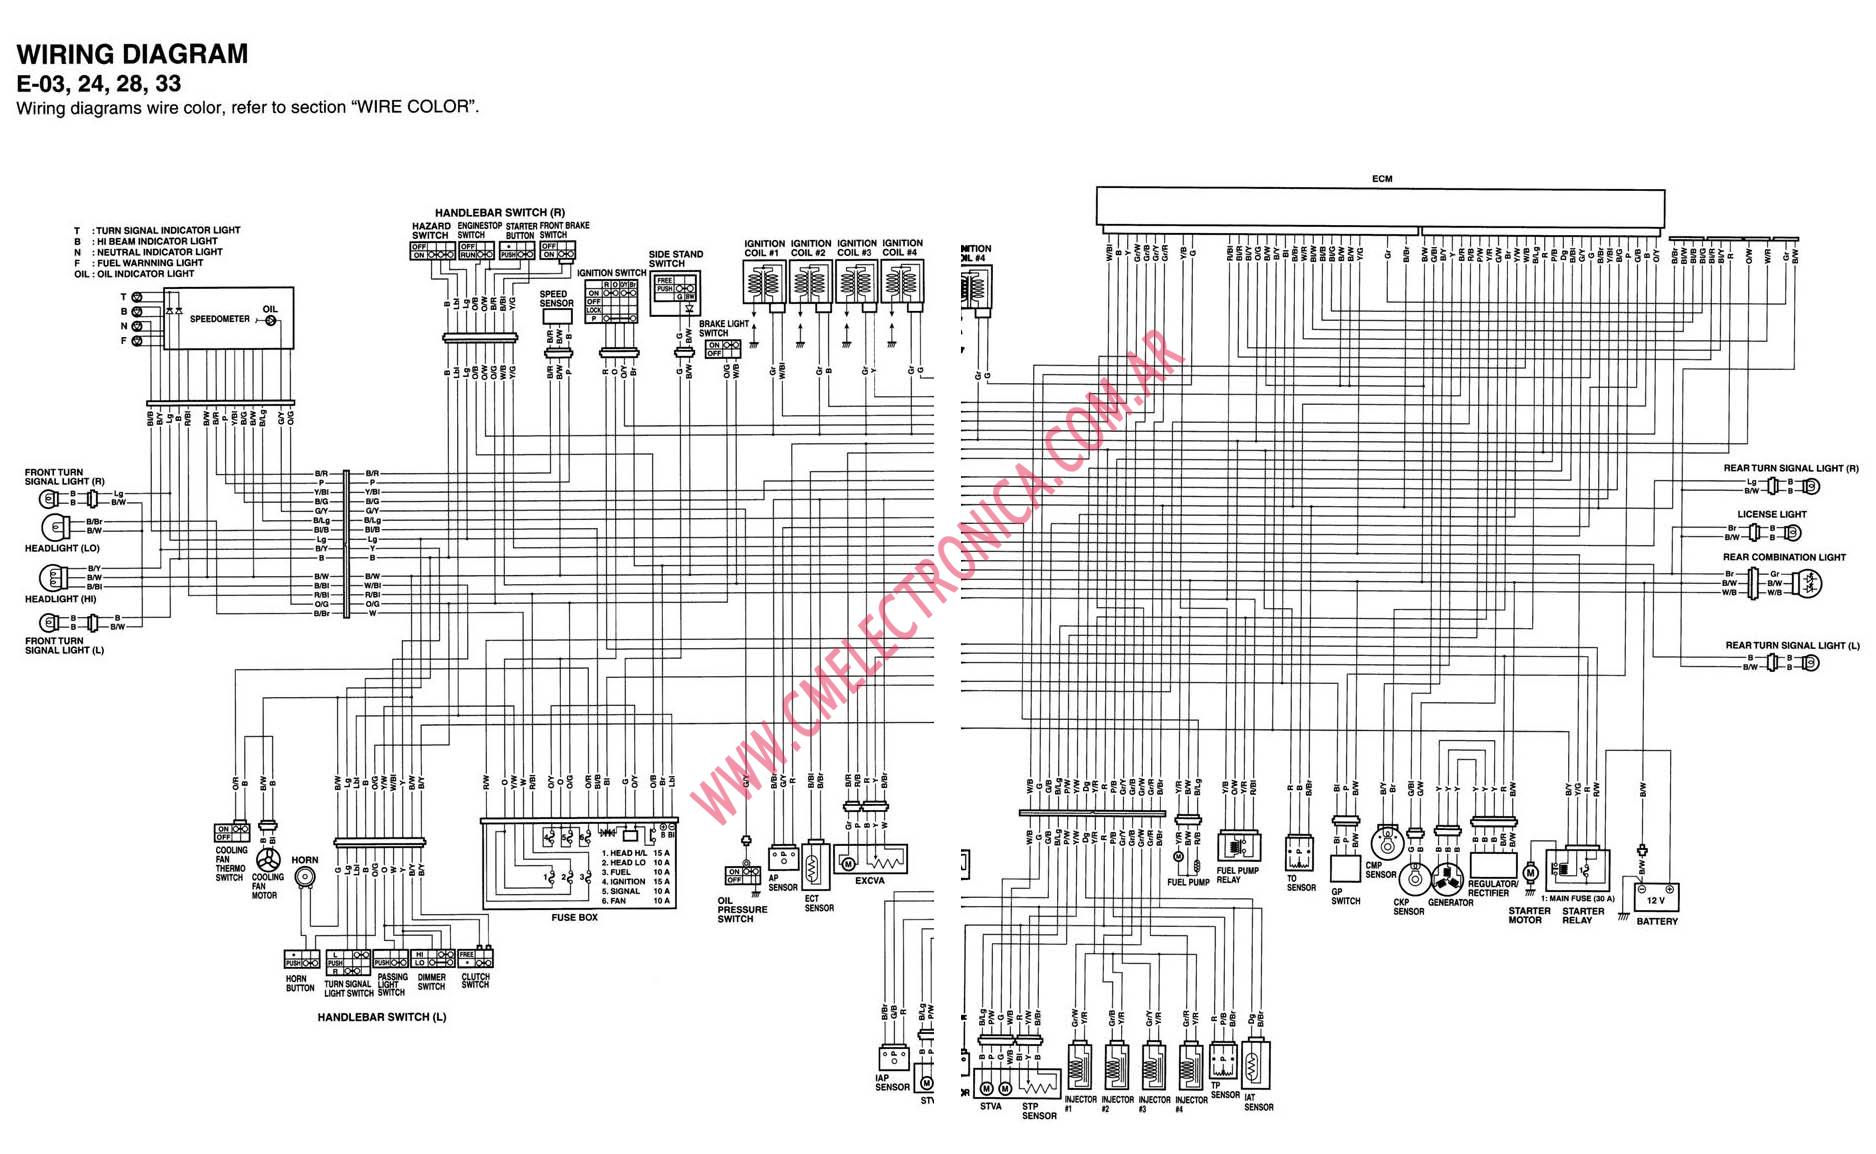 2005 suzuki gsxr 600 wiring diagram wy 0404  wiring diagram 2006 suzuki gsxr 1000 wiring diagram  wiring diagram 2006 suzuki gsxr 1000